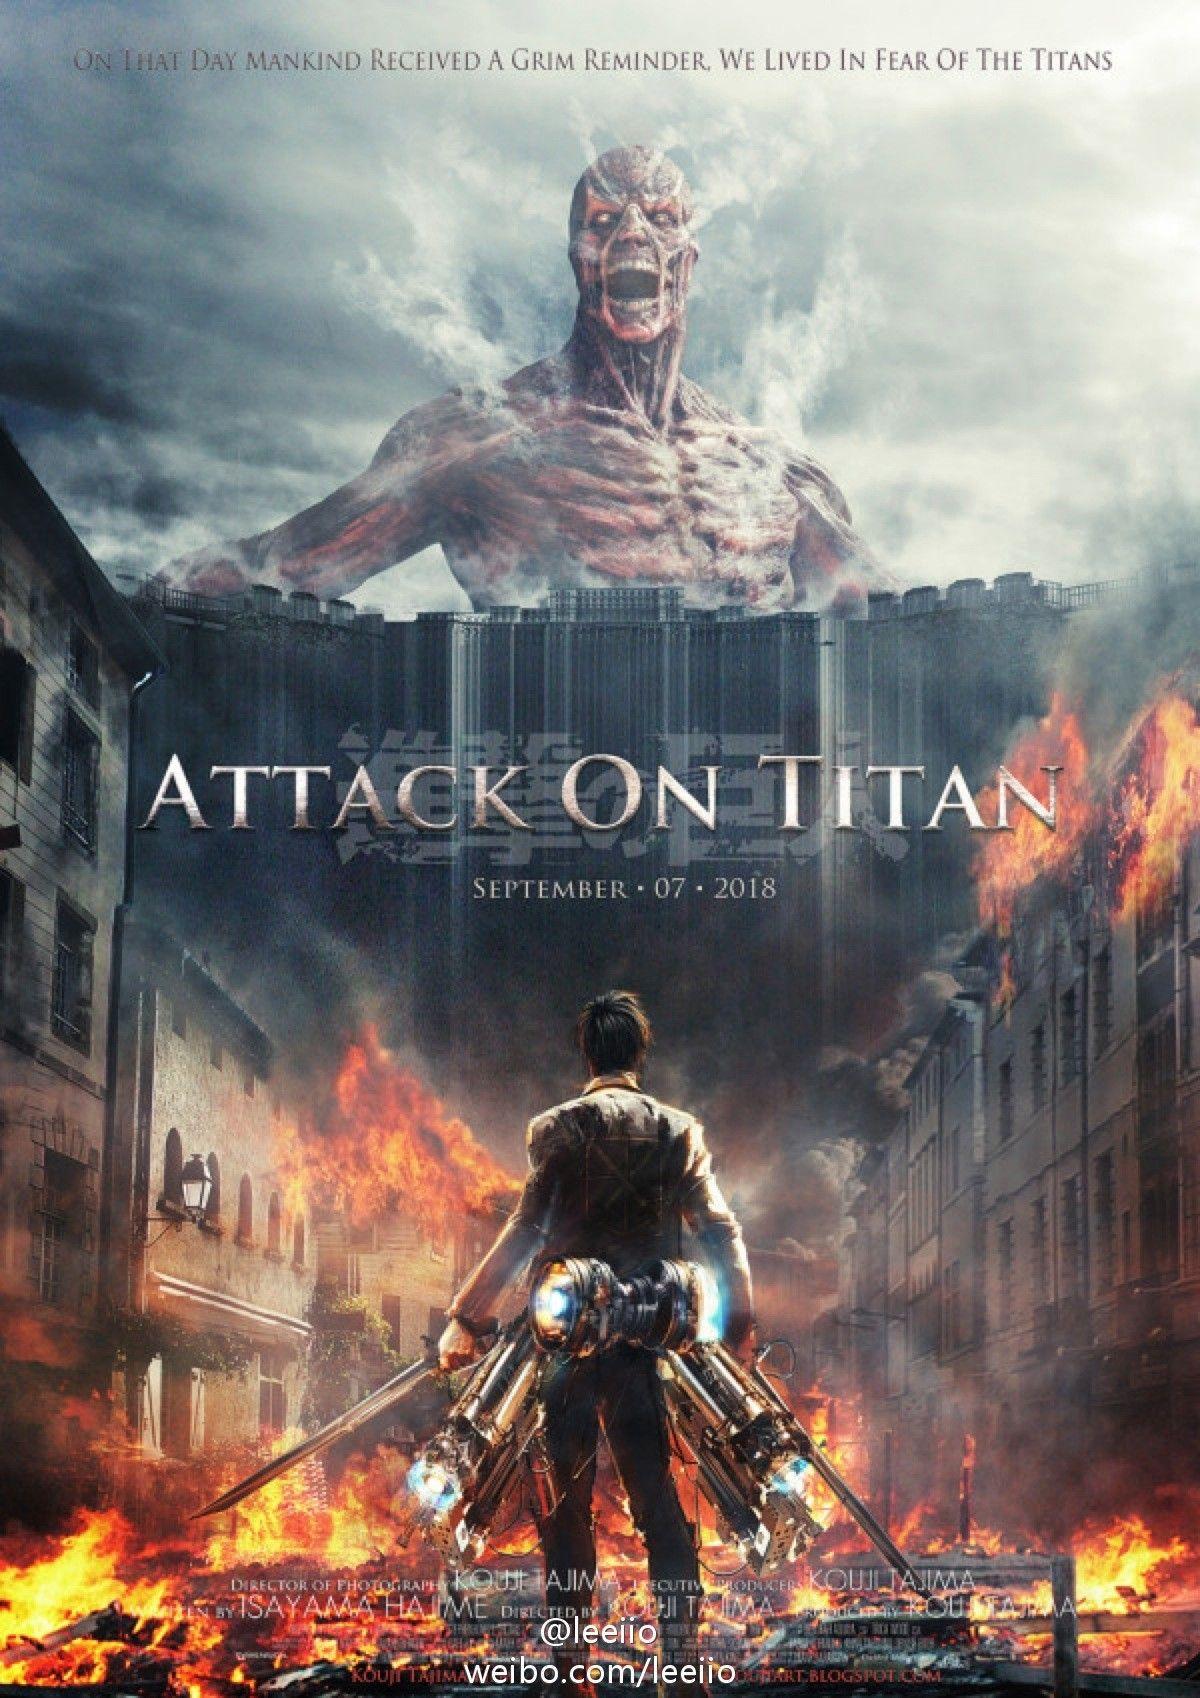 Shingeki no Kyojin Attack on Titan fanmade movie